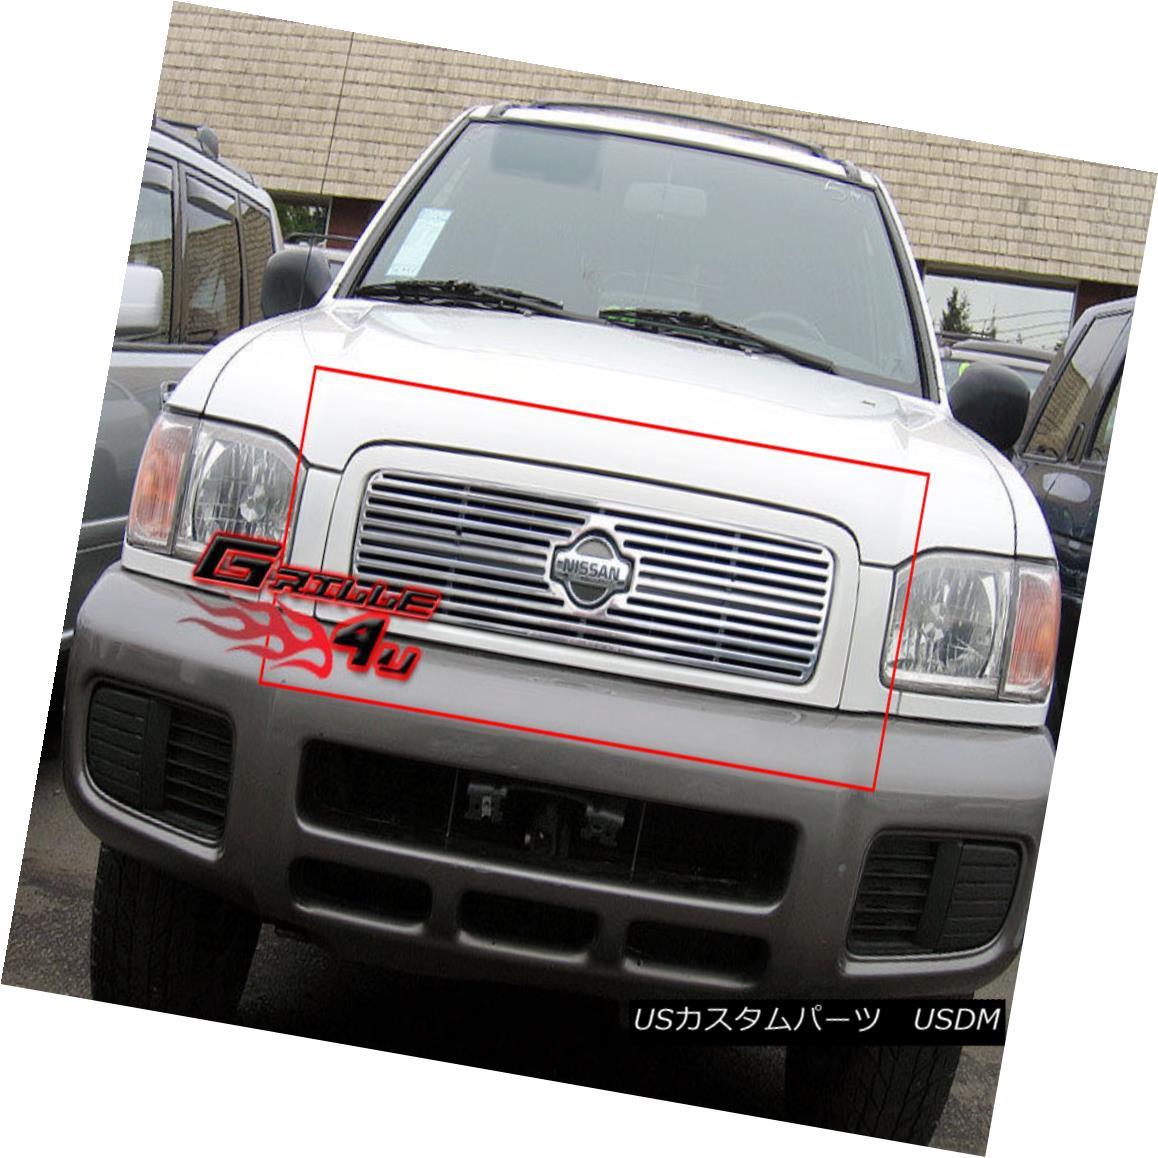 グリル Fits 1999-2001 Nissan Pathfinder Perimeter Grille Insert フィット1999-2001日産パスファインダー周辺グリルインサート